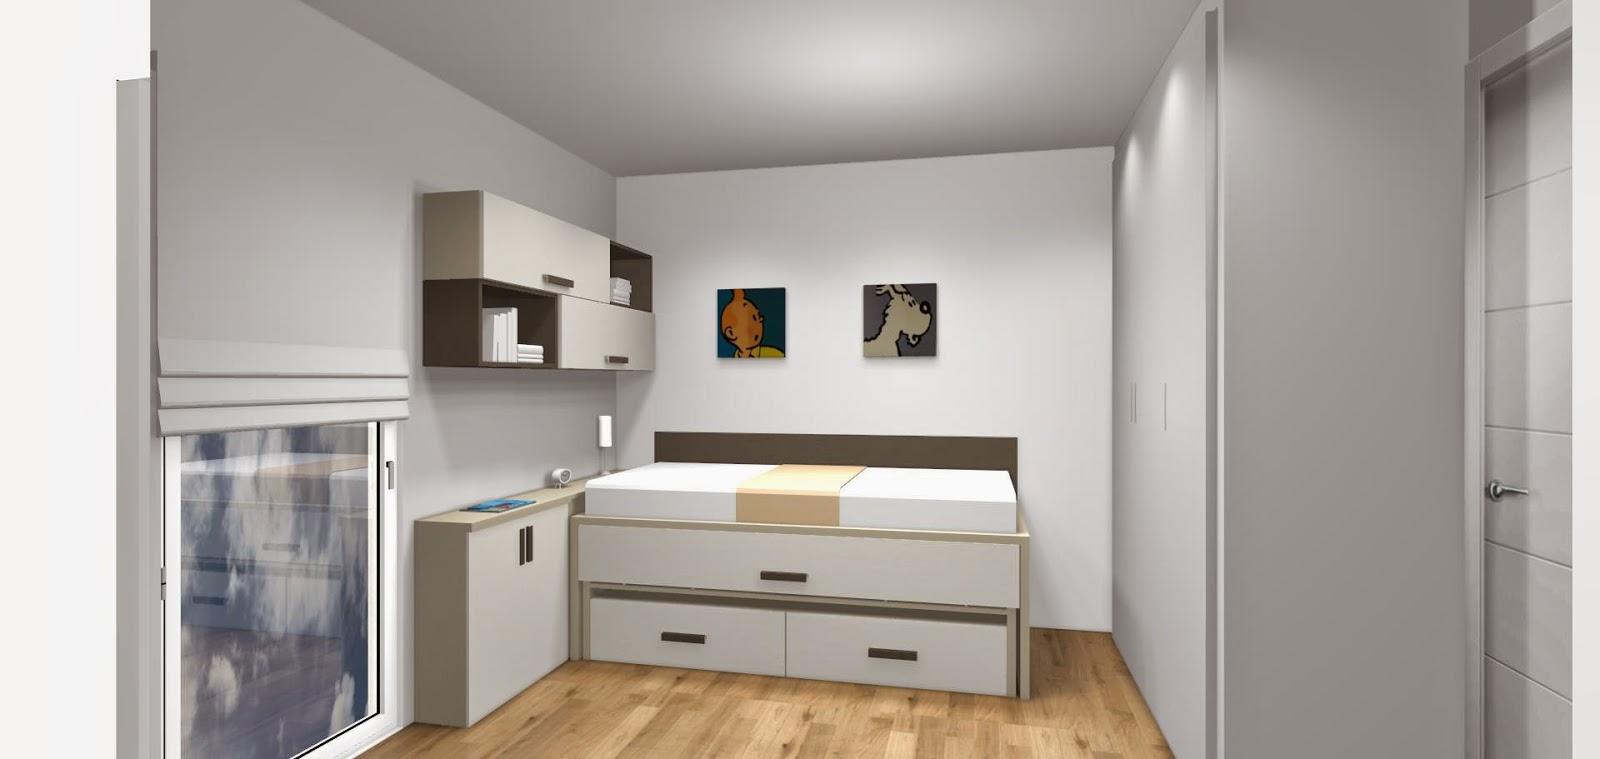 Dise o de cuartos o dormitorios juveniles for Dormitorios juveniles a medida